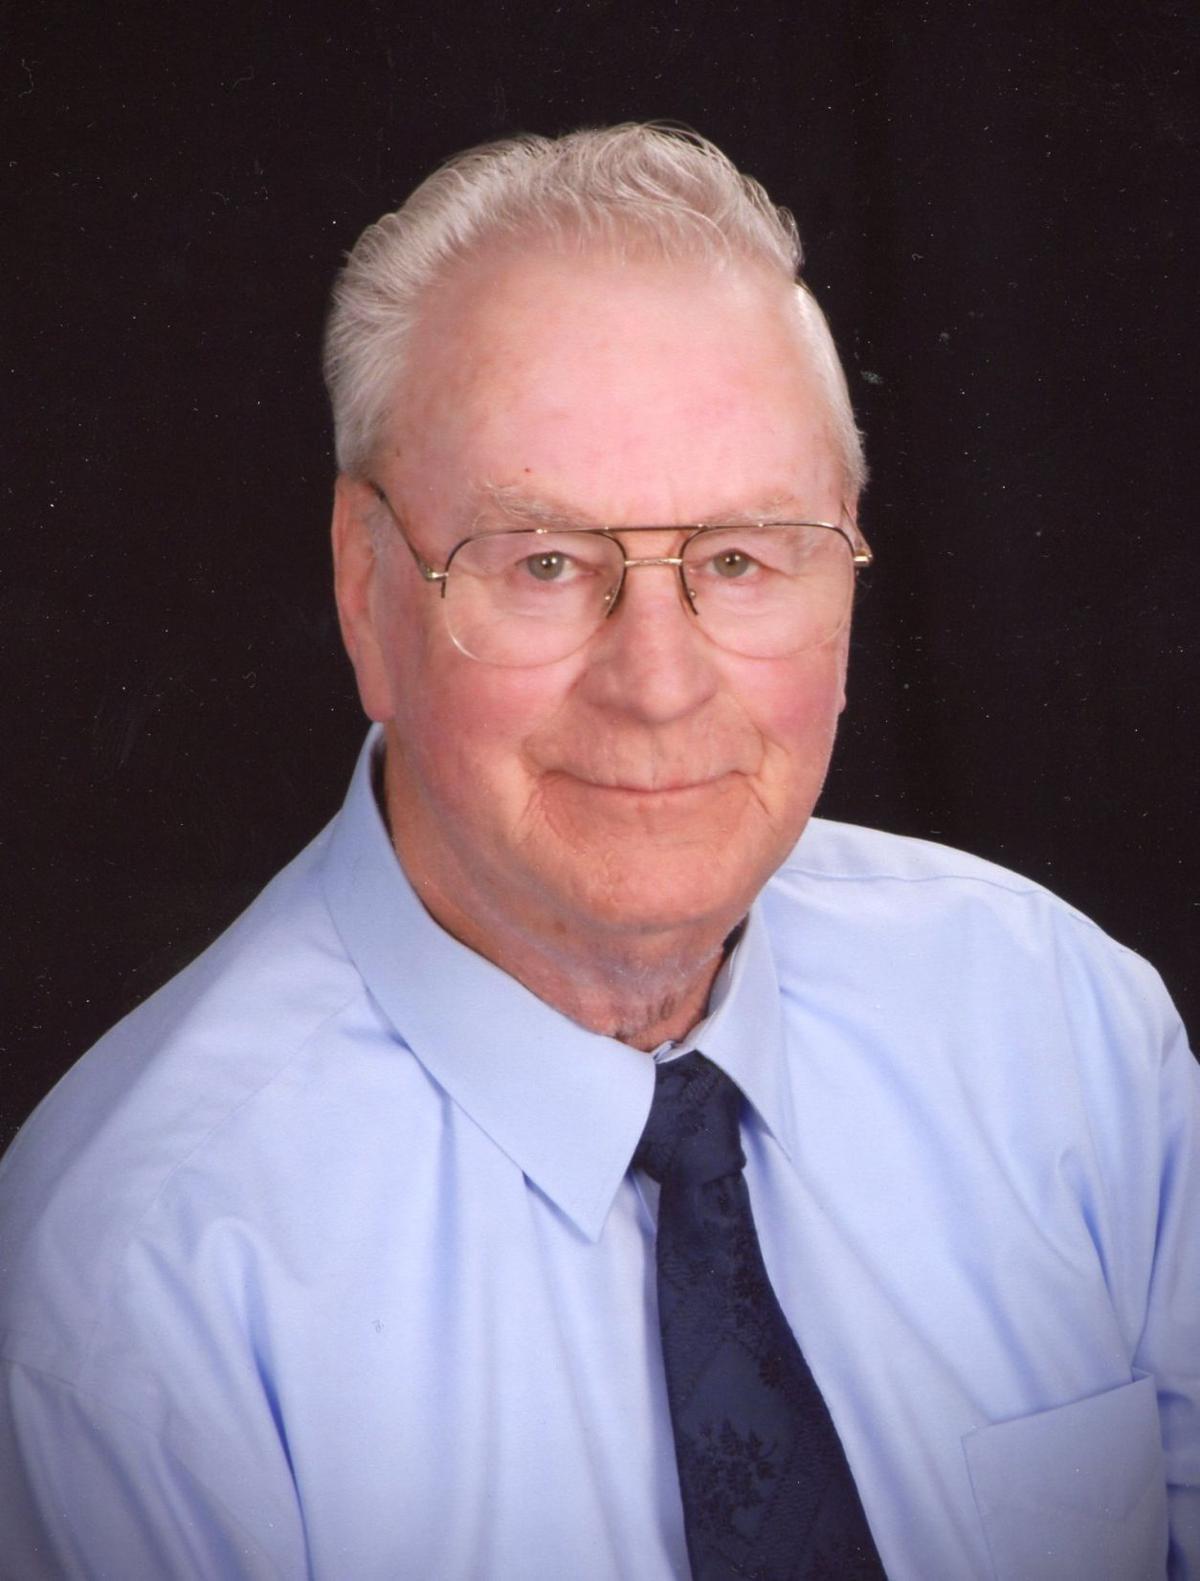 James Zeller